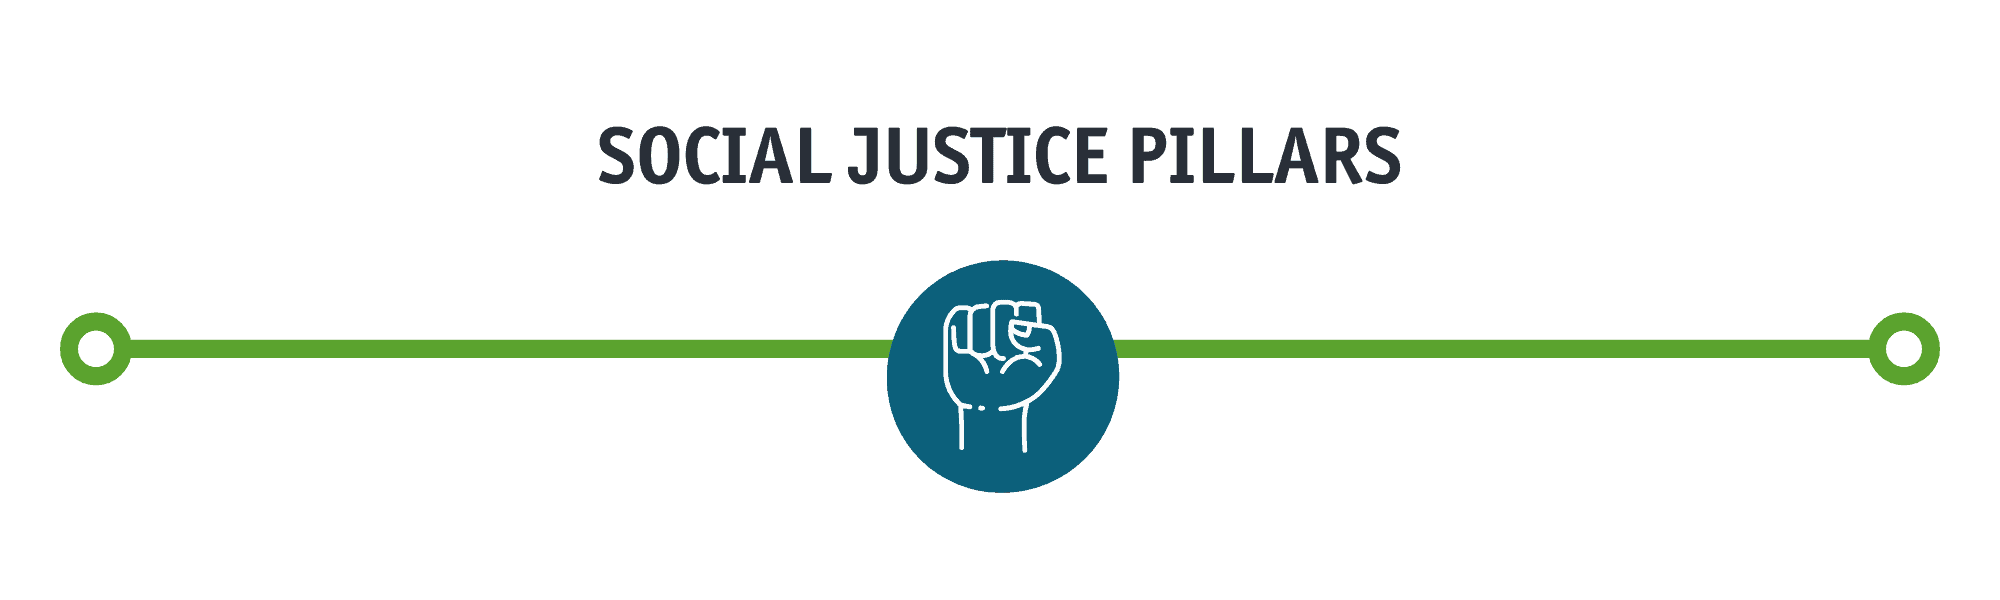 Social Justice Pillars